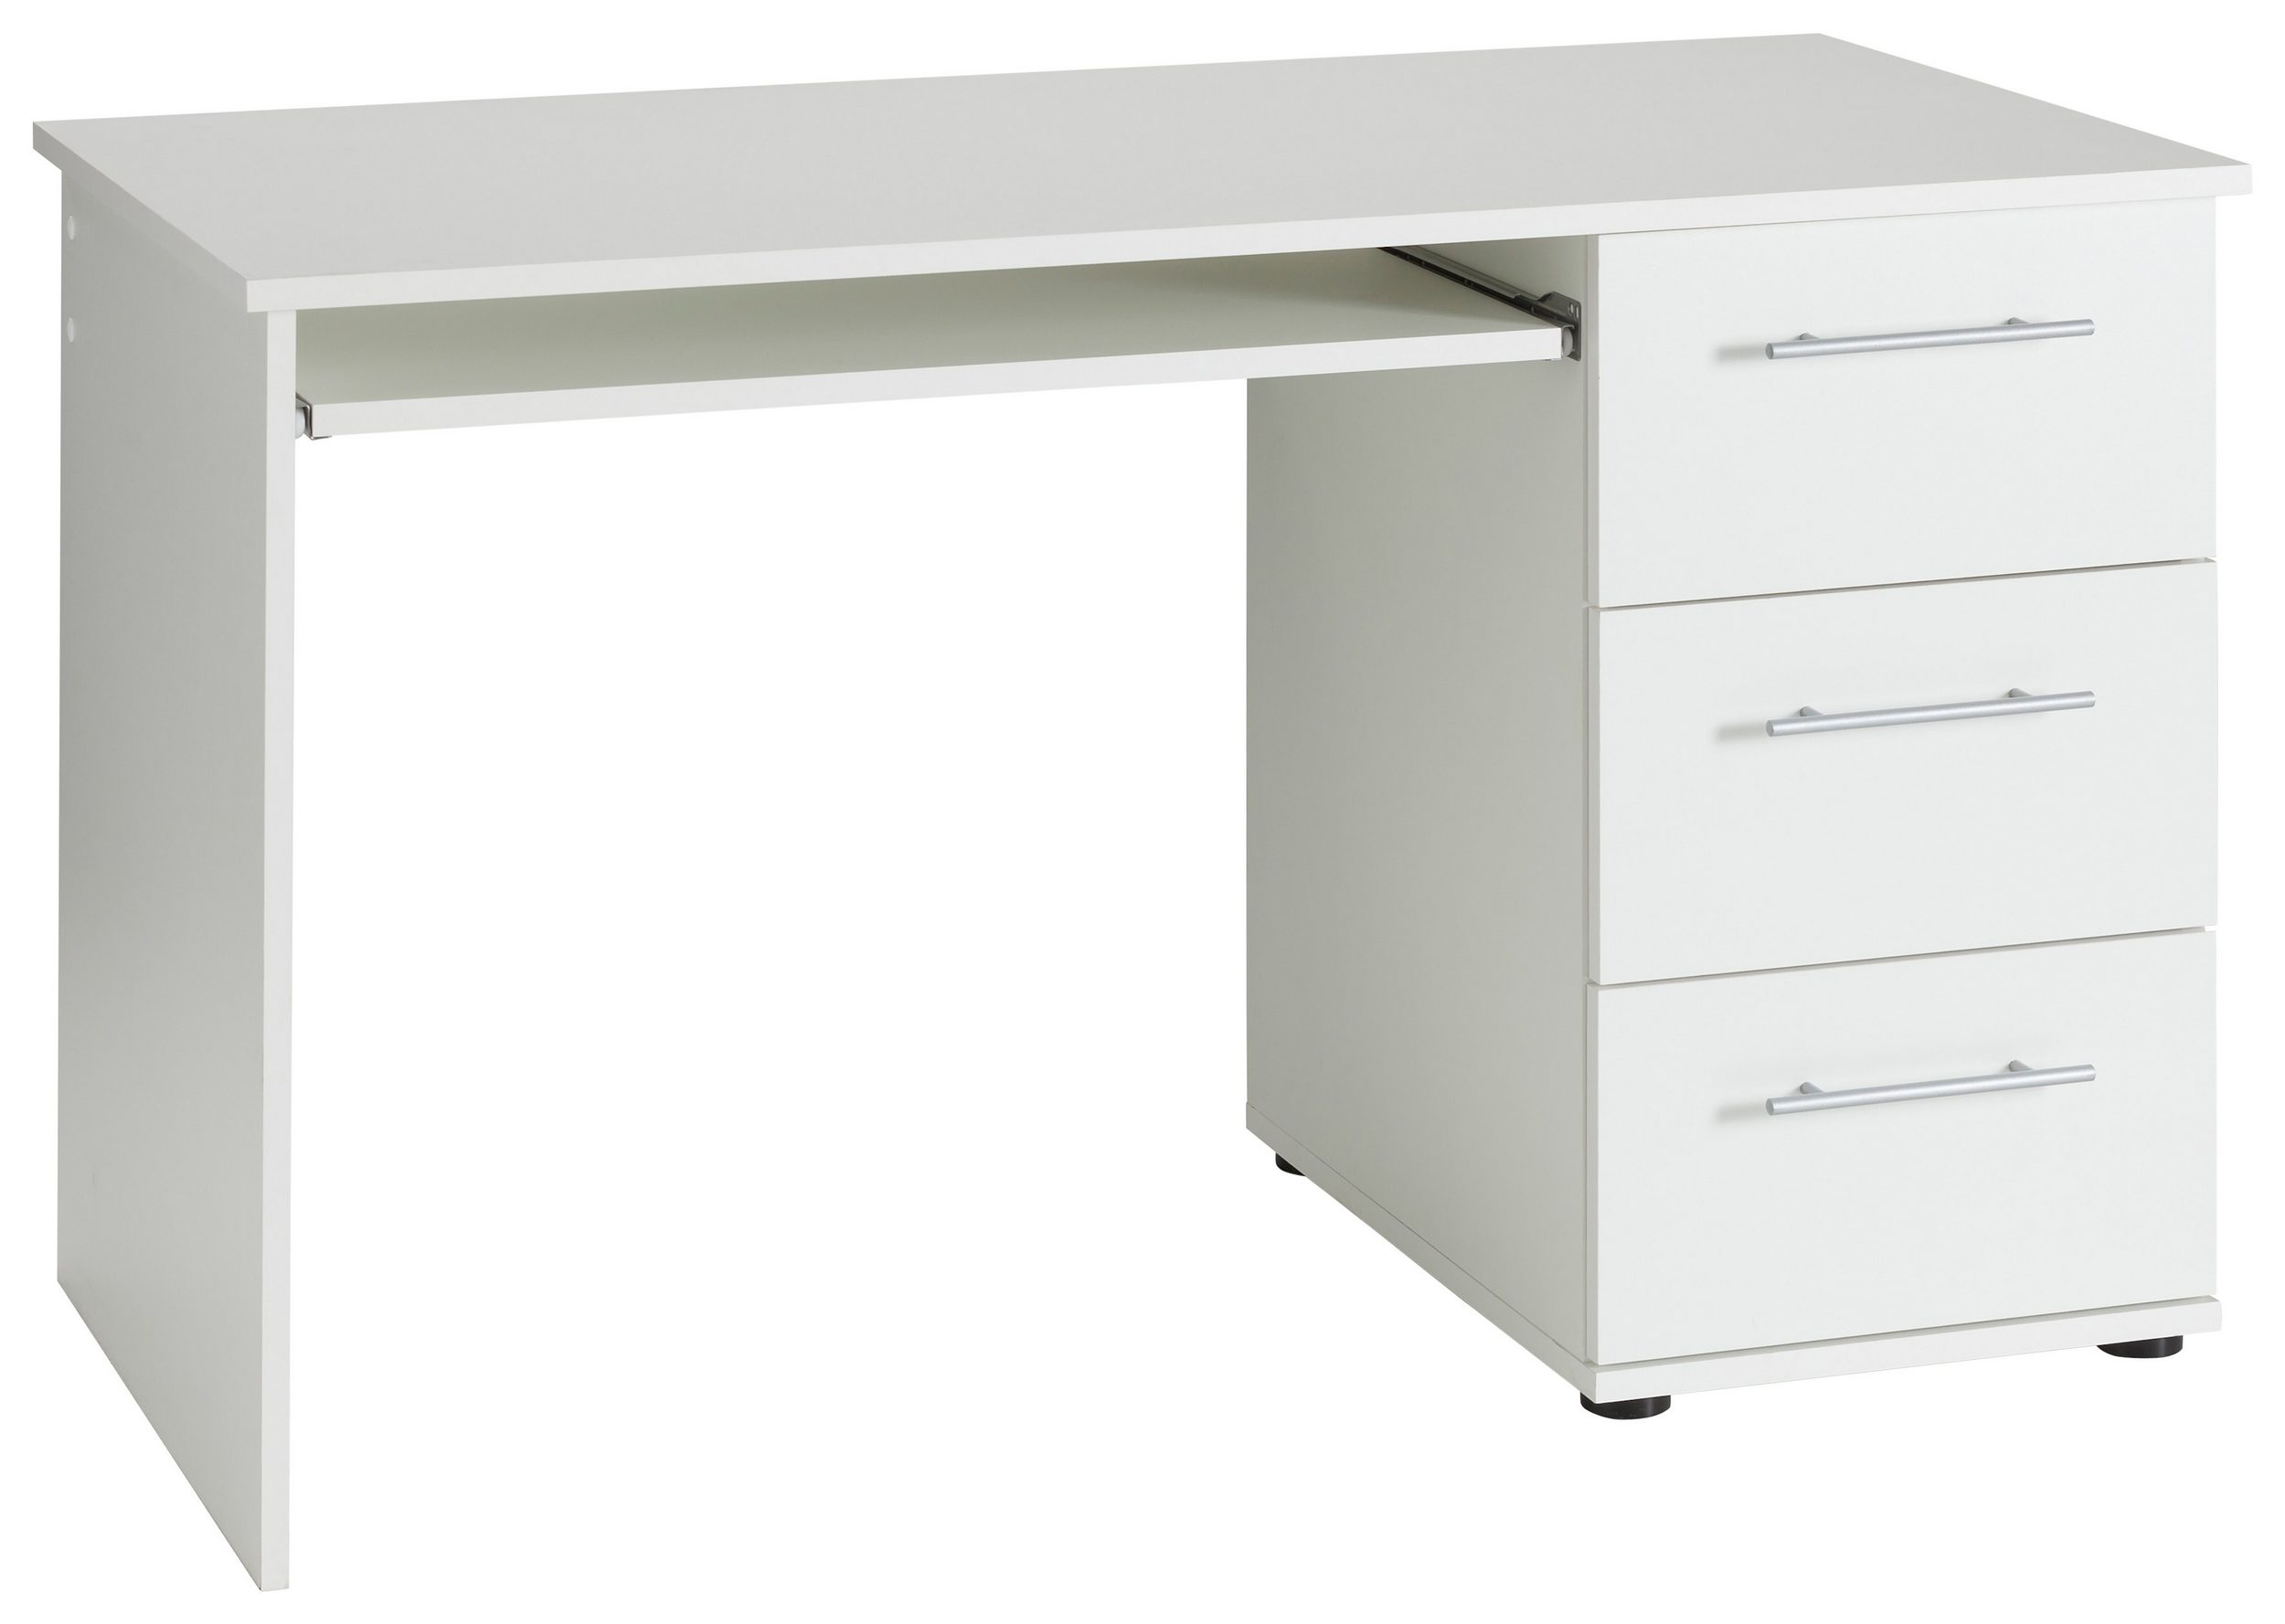 4506 computertisch schreibtisch pc tisch mehrere for Computertisch schreibtisch